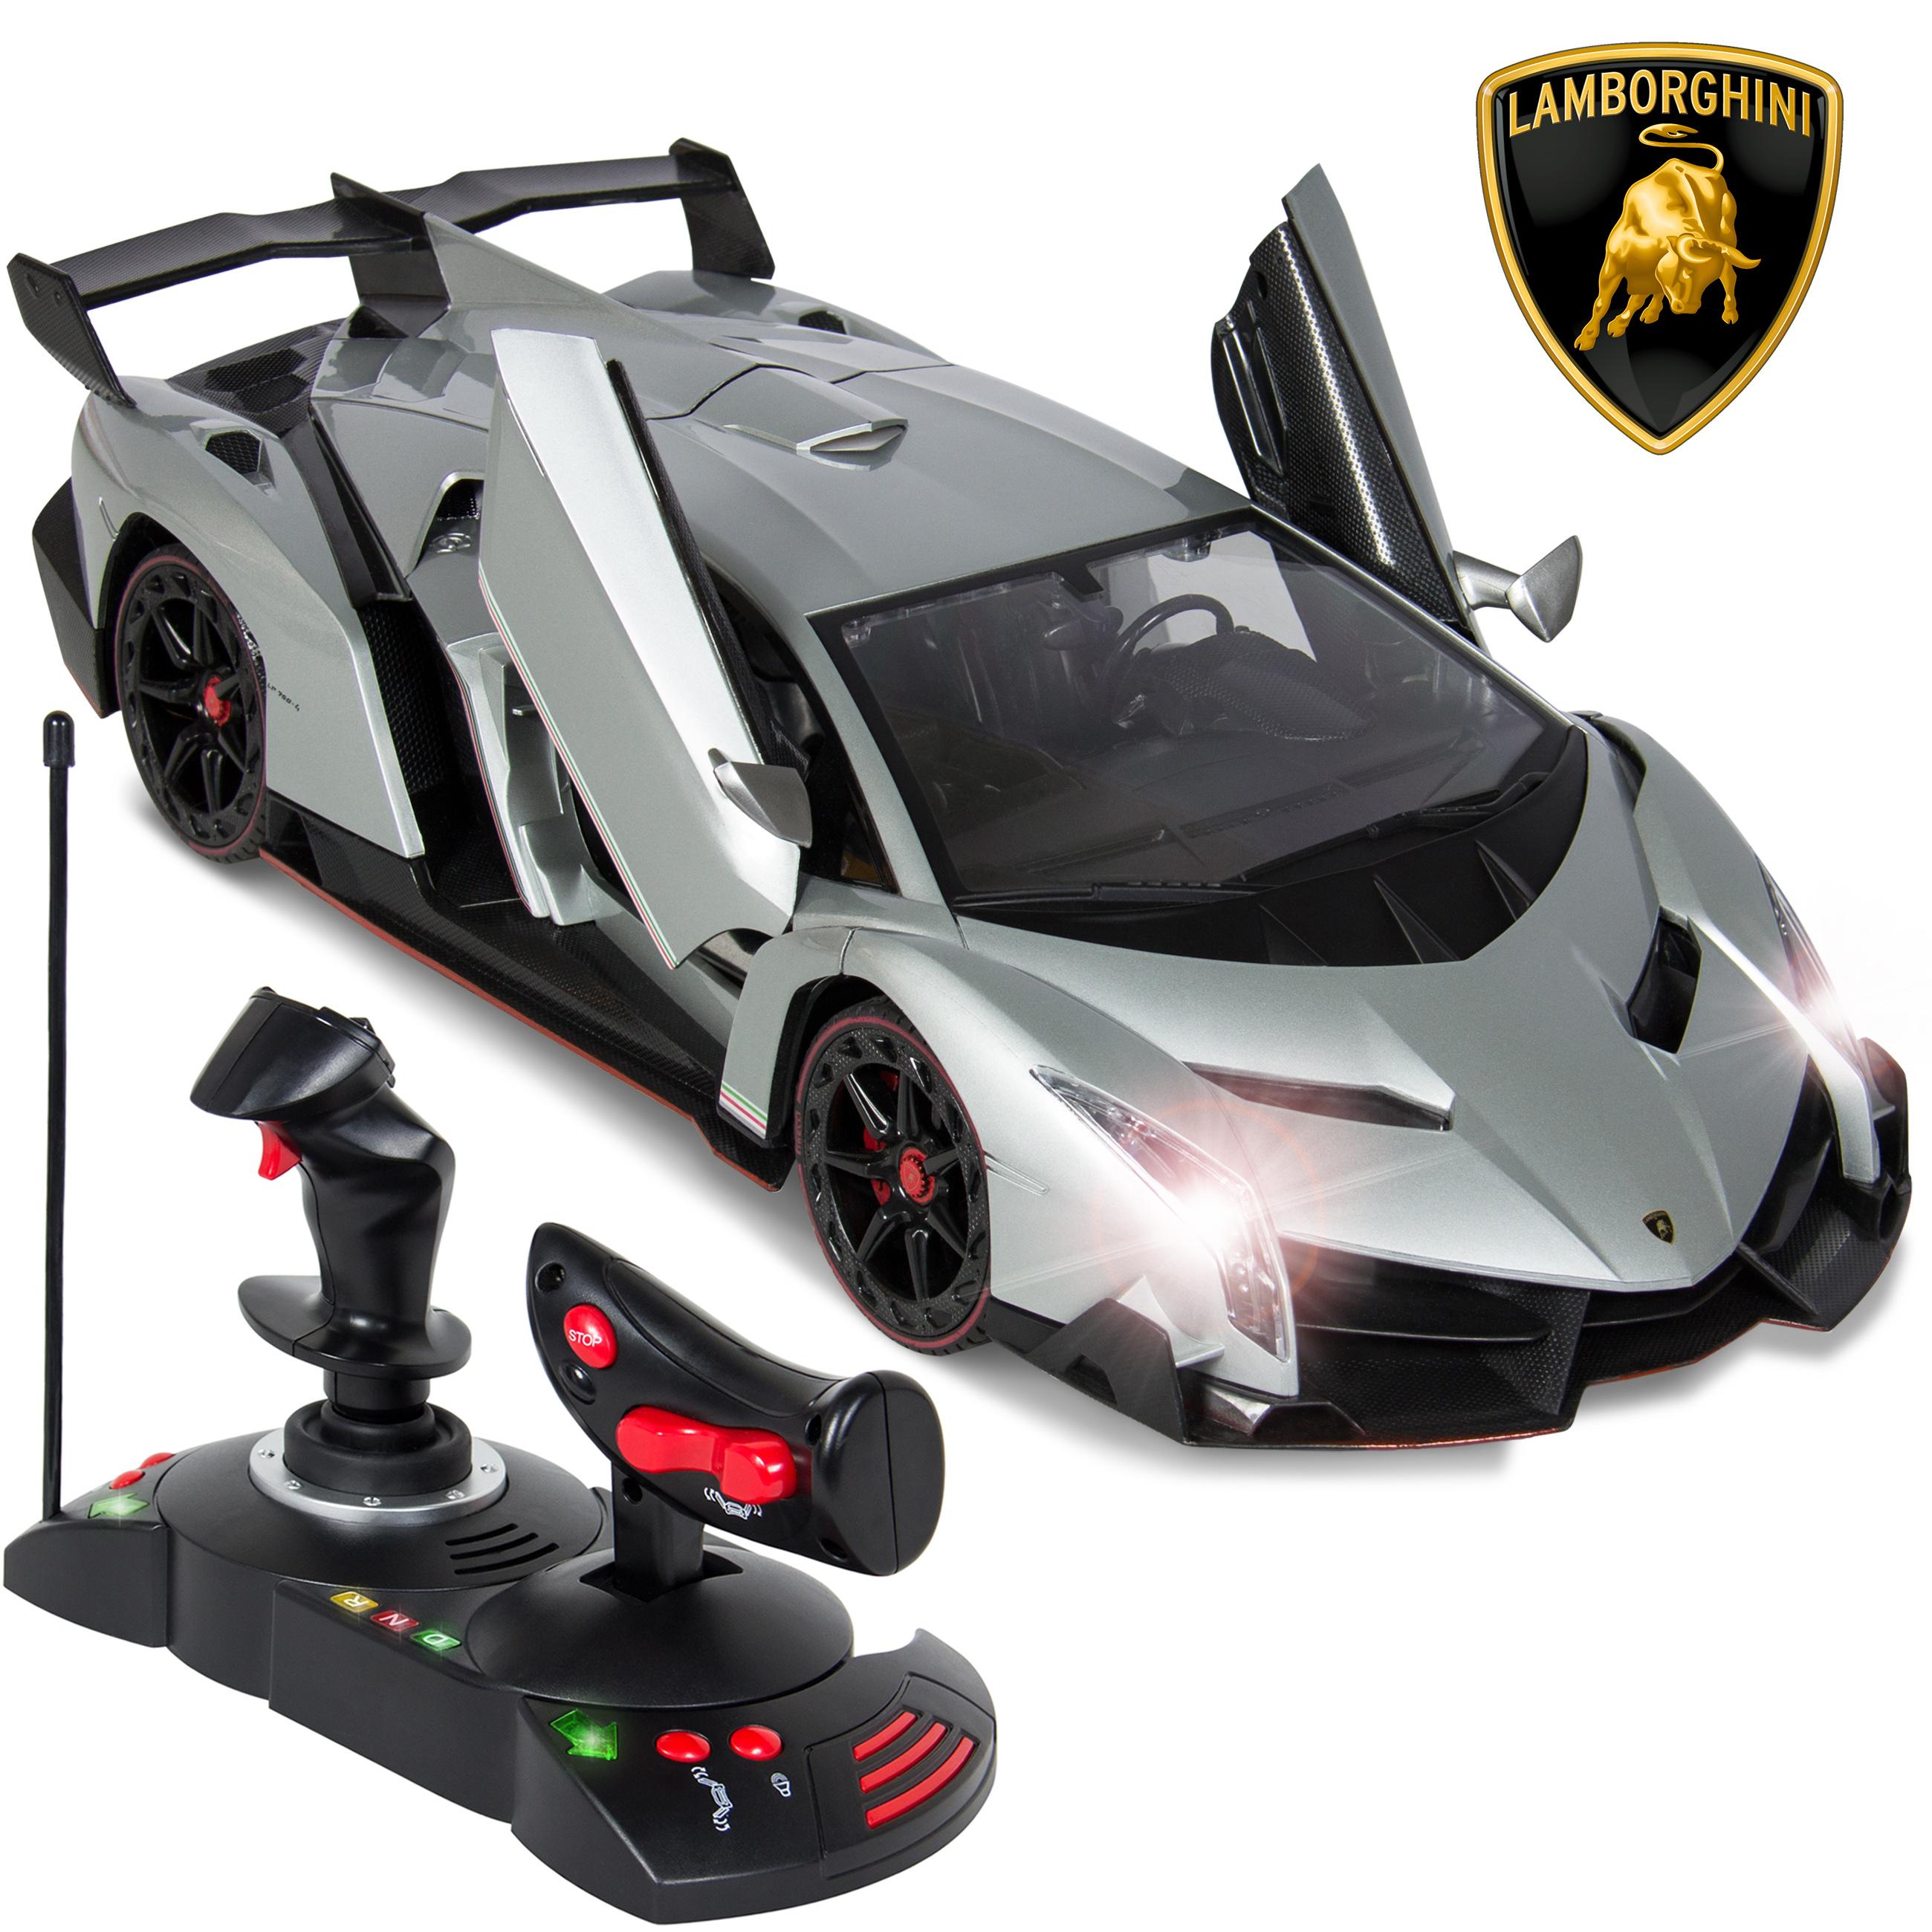 Best Choice Products 1/14 Scale RC Lamborghini Veneno Gravity Sensor Radio Remote Control Car Silver